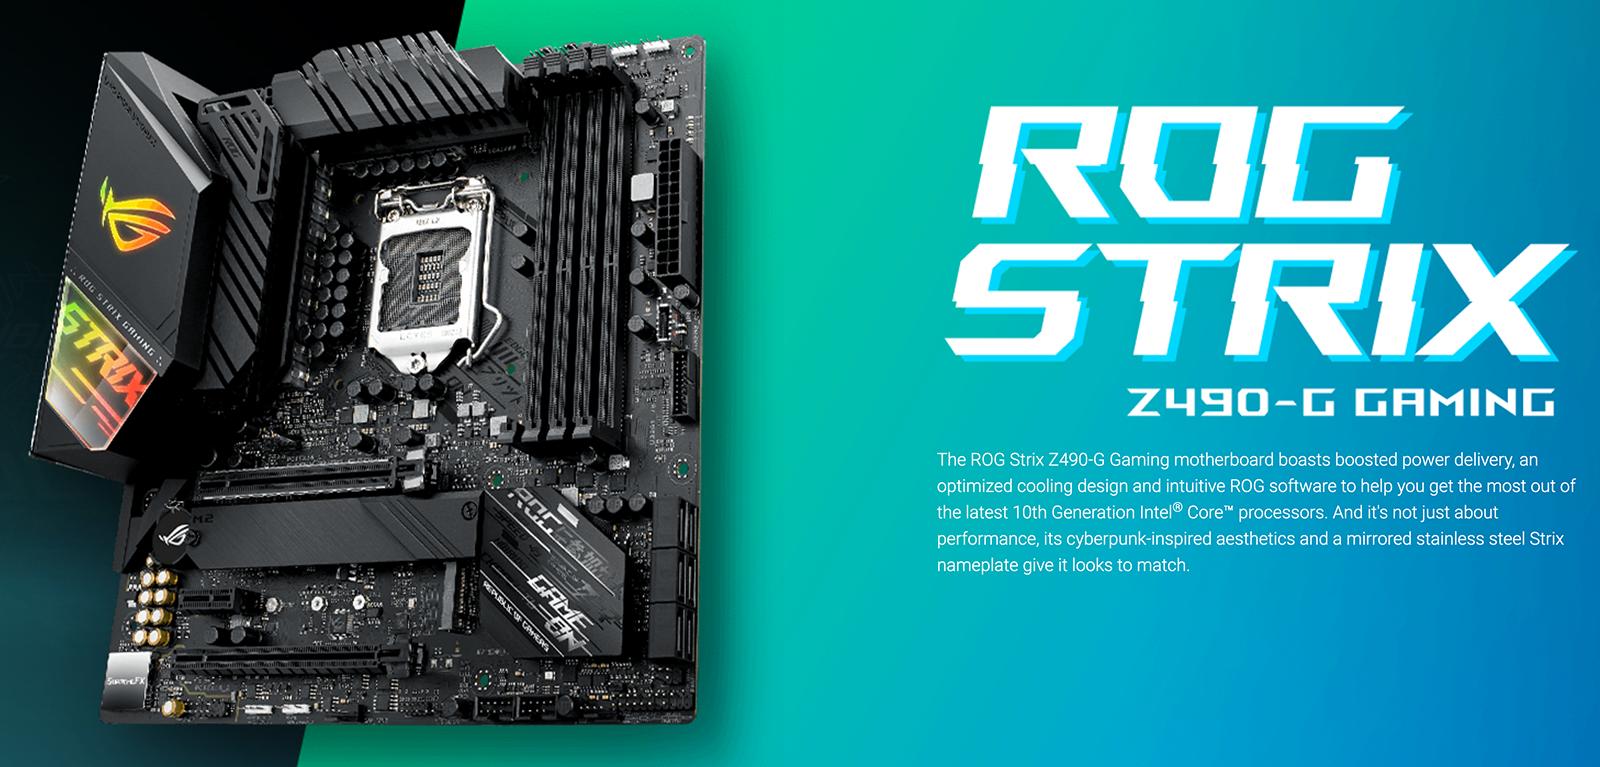 Asus Rog Strix Z490 G Gaming 07